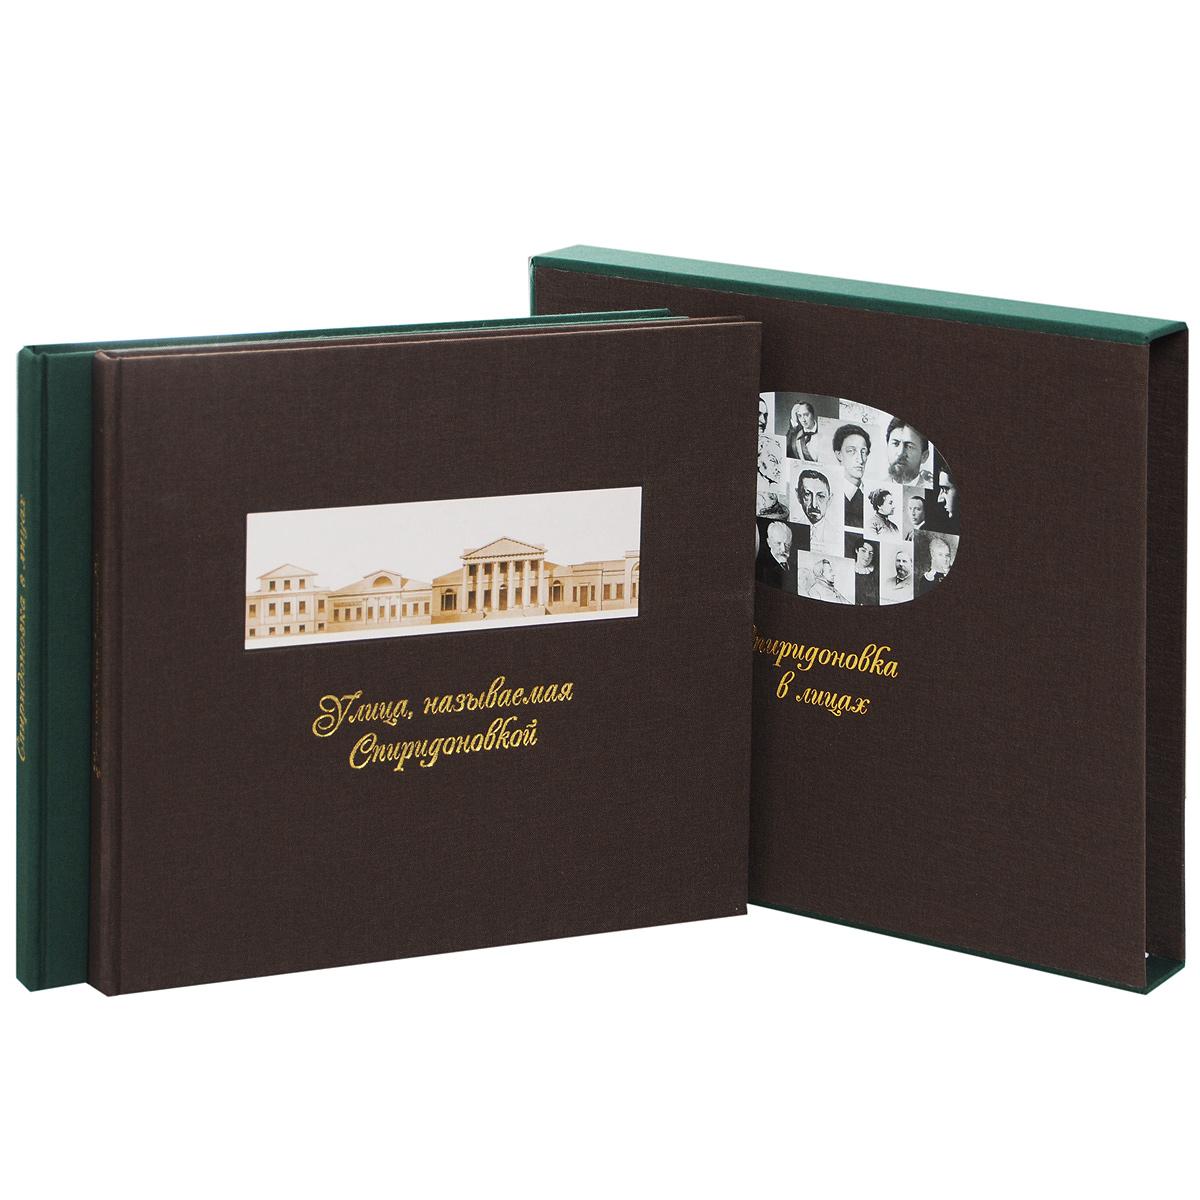 Ю. В. Ратомская Улица, называемая Спиридоновка. Спиридоновка в лицах (комплект из 2 книг) ю м юрьев записки комплект из 2 книг